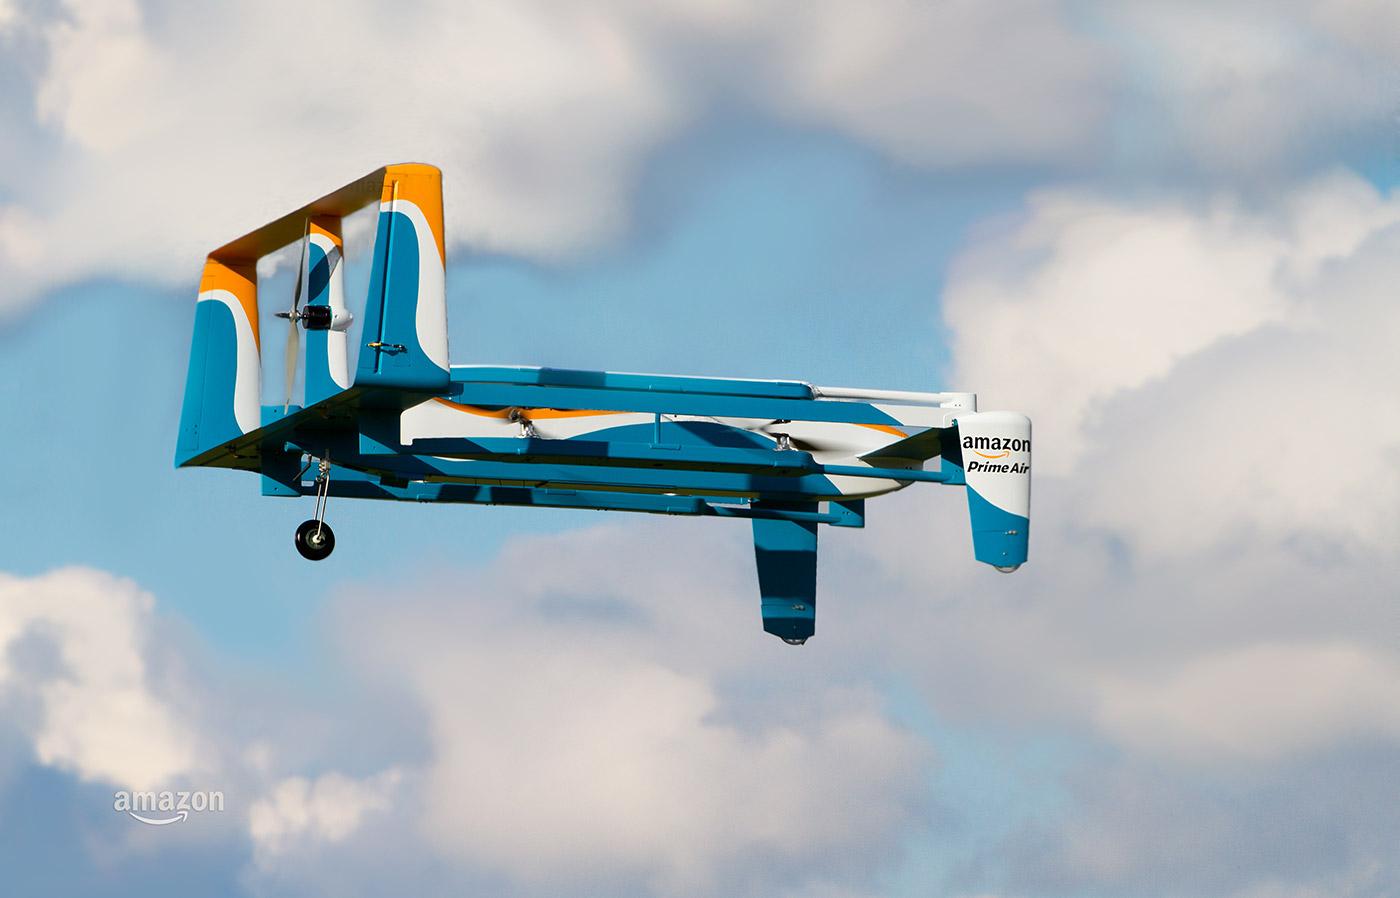 Amazon Prime Air Drone i aksjon.